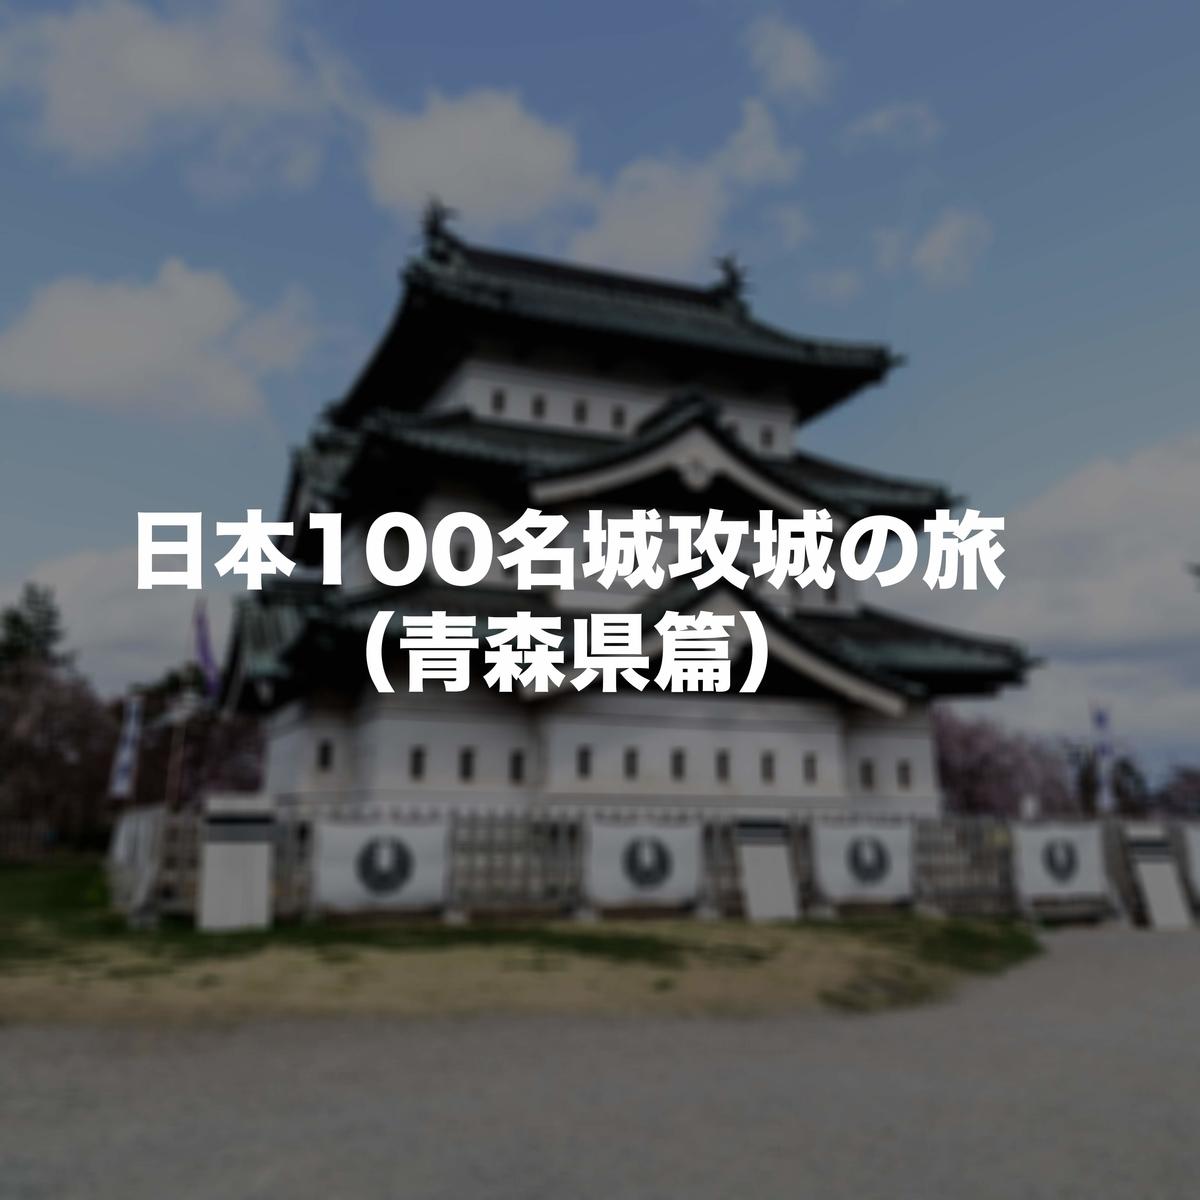 f:id:tidus_tabilog:20201025190907j:plain